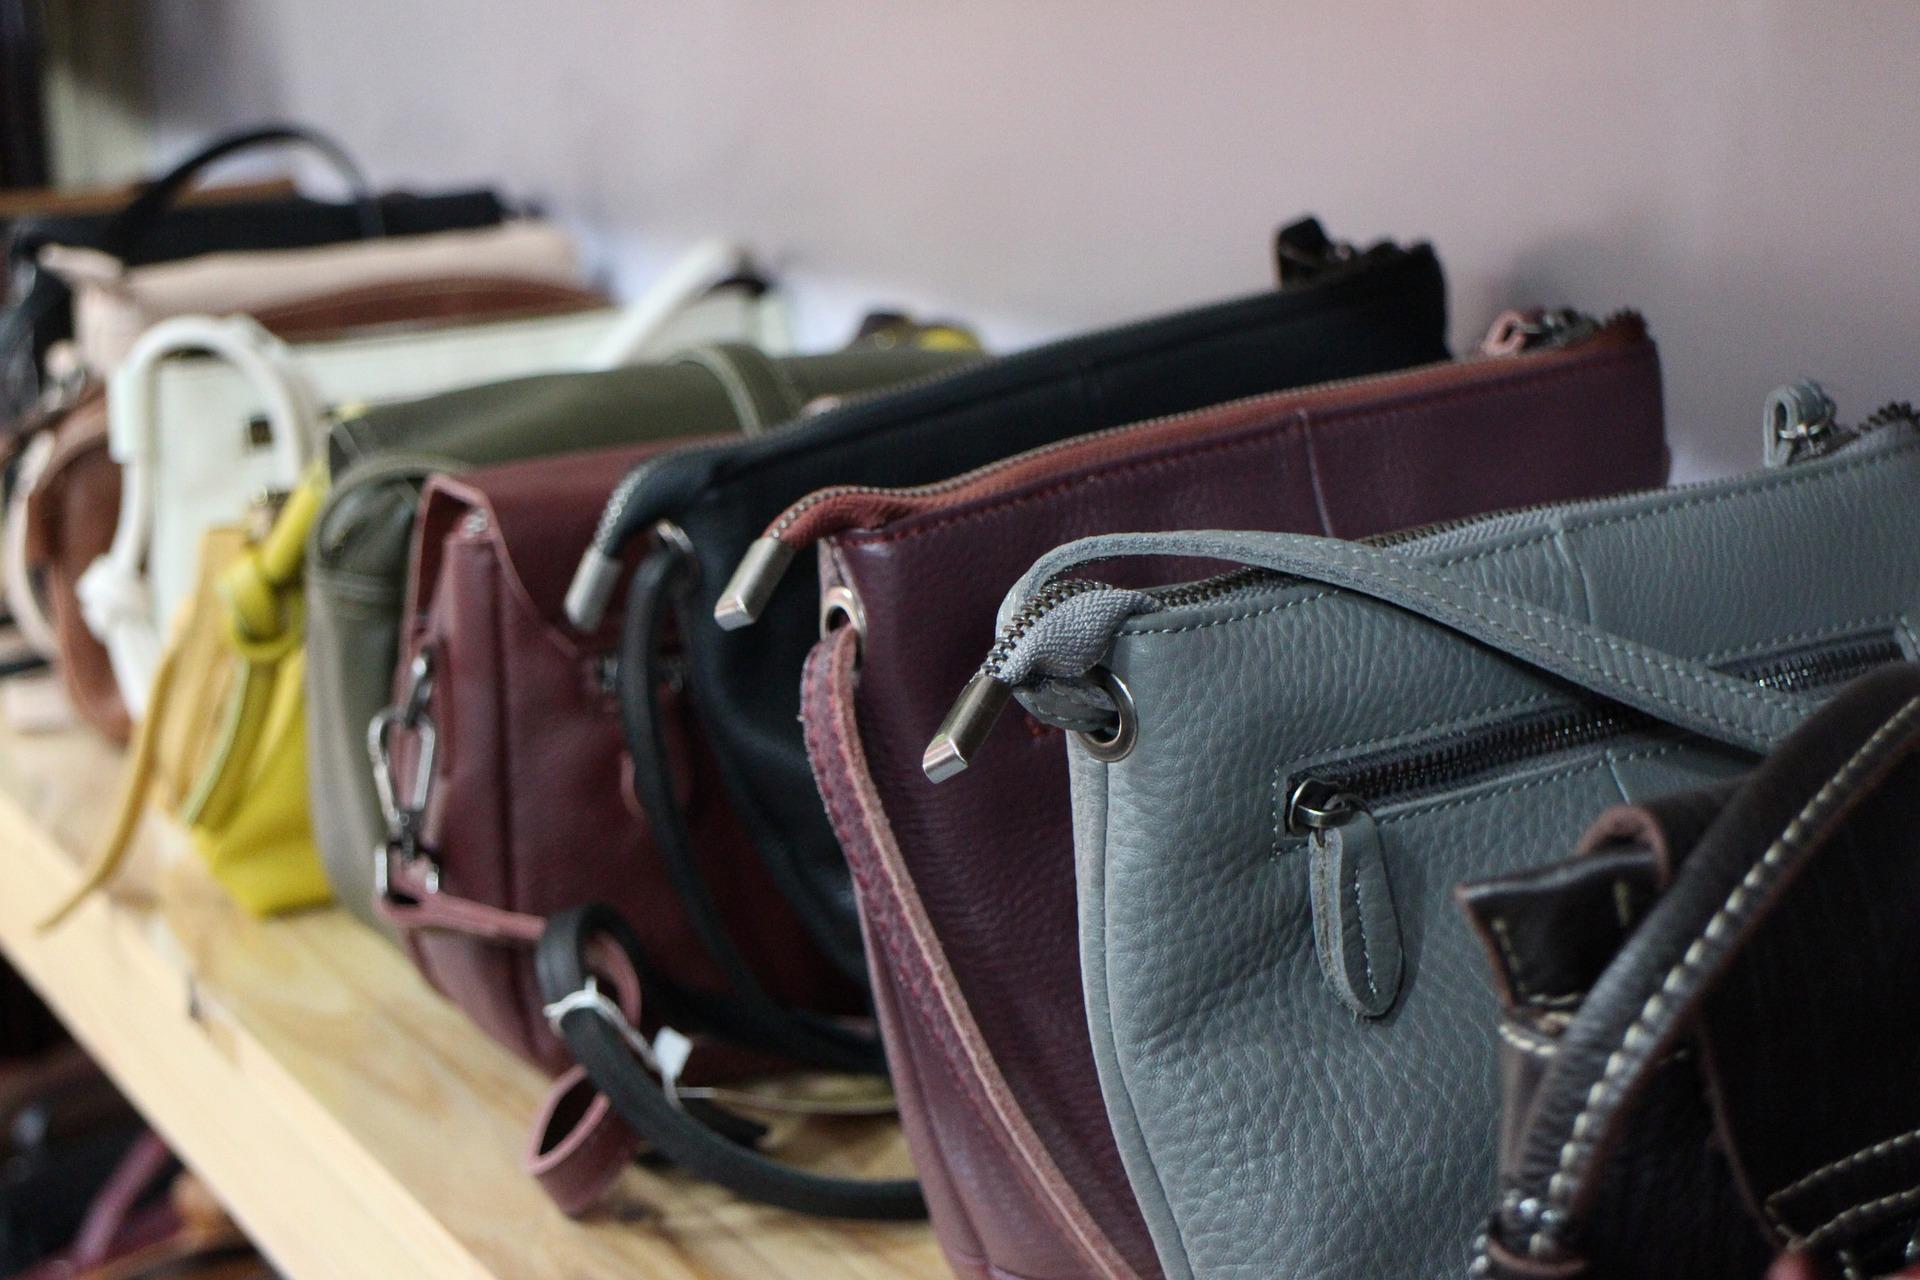 handbags-6484680_1920